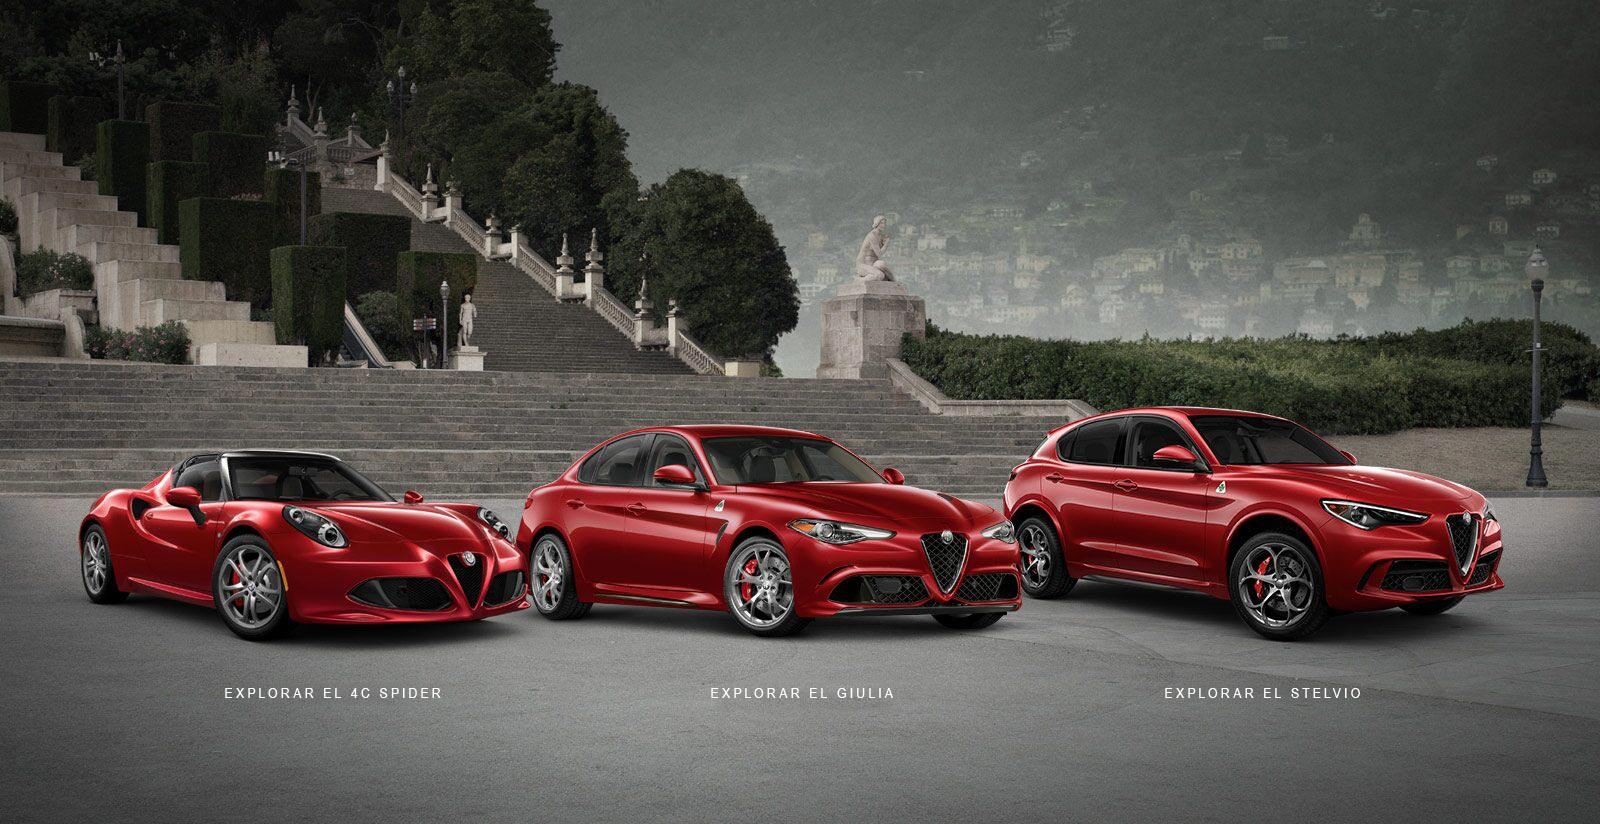 Línea de vehículos Alfa Romeo2019